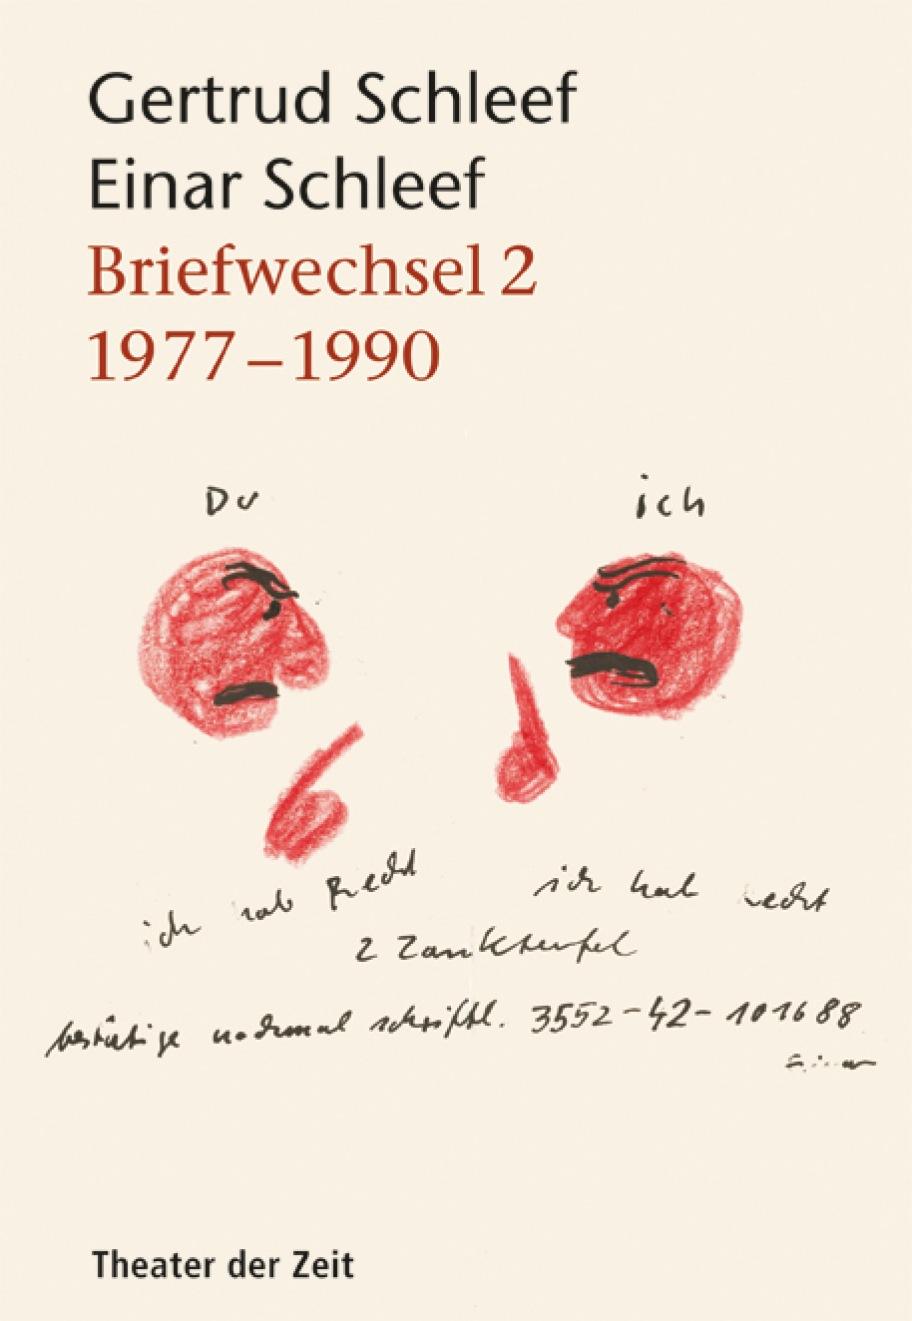 Briefwechsel 2 (1977-1990)